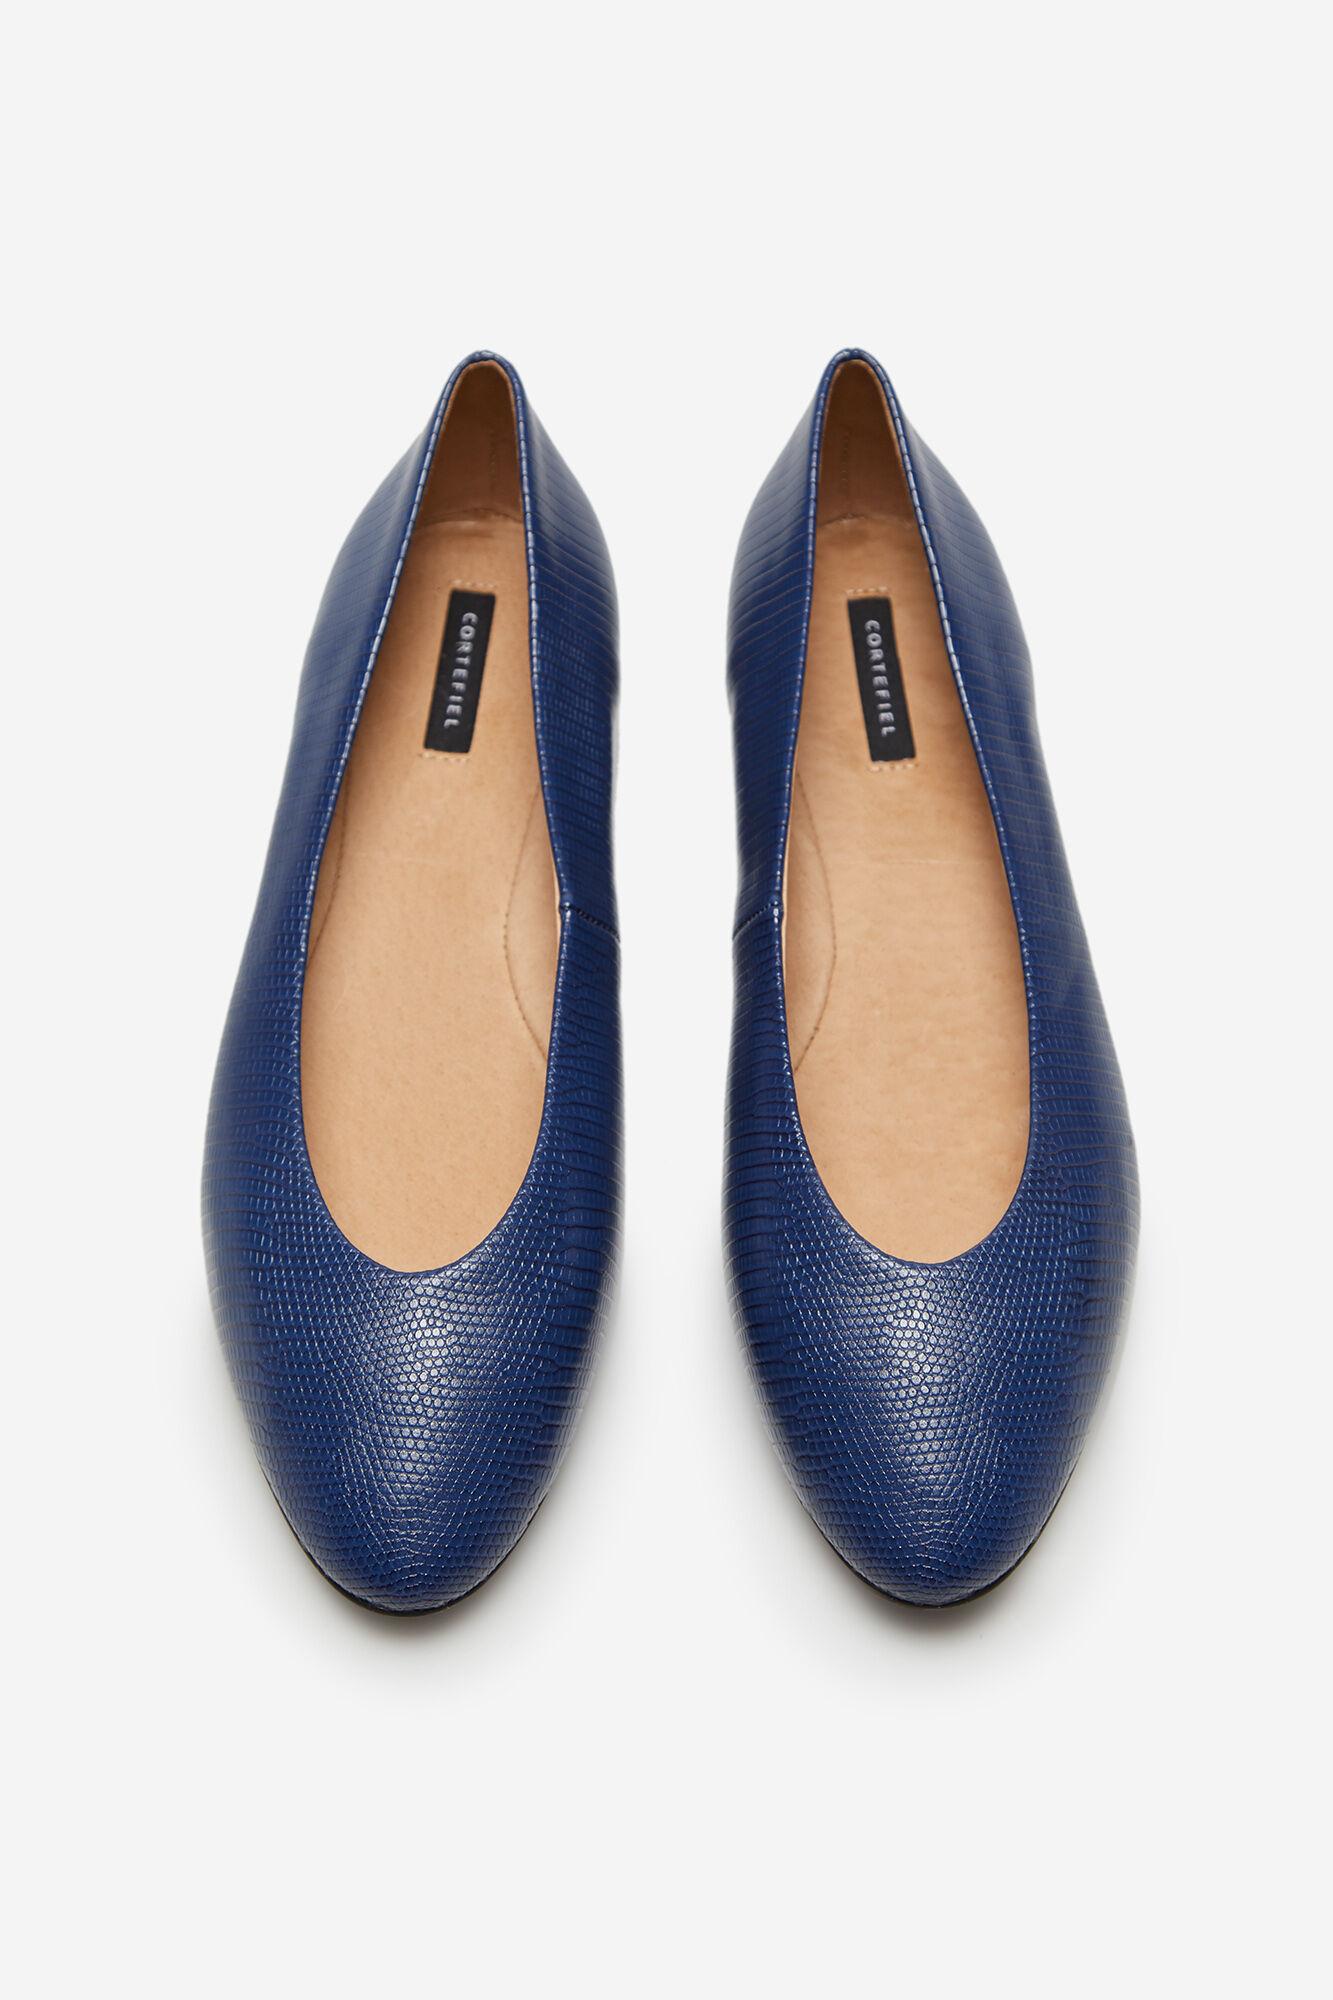 Zapatos MujerCortefiel De Zapatos MujerCortefiel De Zapatos wm8vN0n